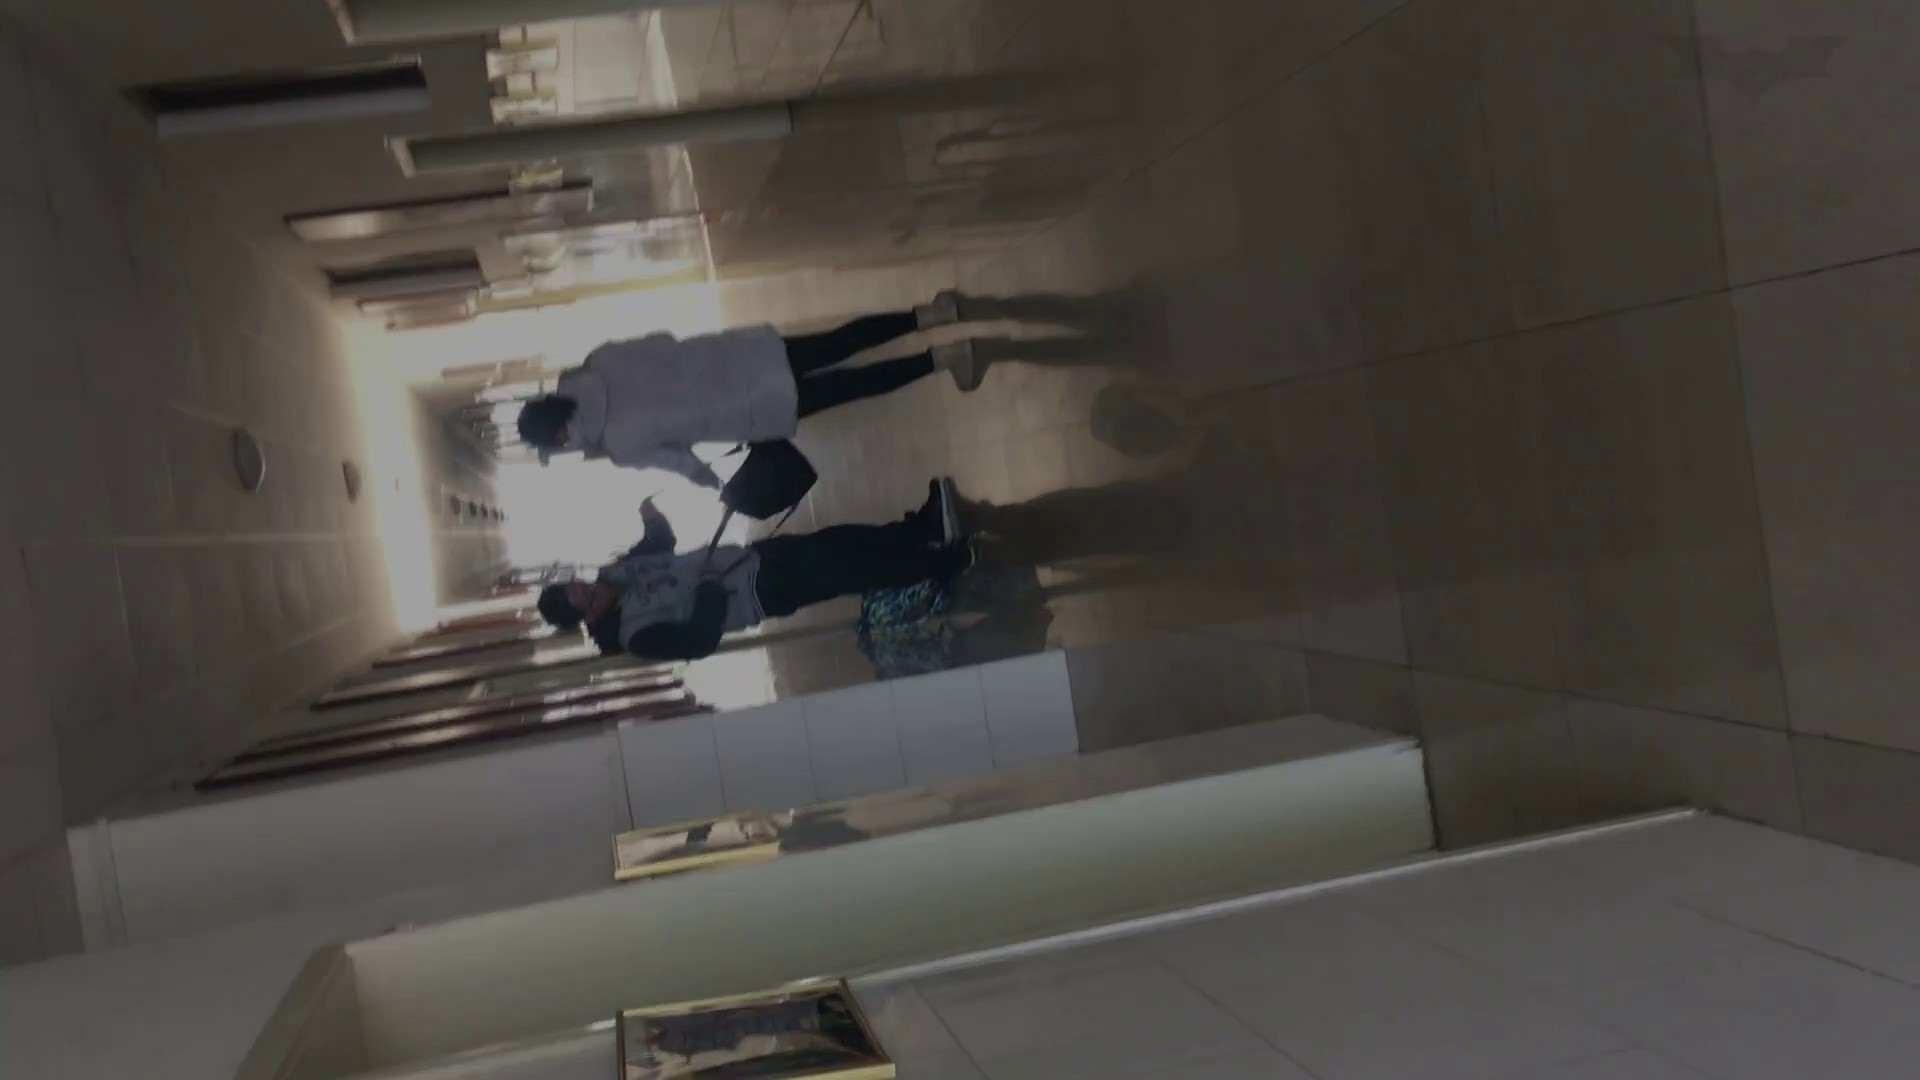 巨乳 乳首:芸術大学ガチ潜入盗撮 JD盗撮 美女の洗面所の秘密 Vol.85:怪盗ジョーカー